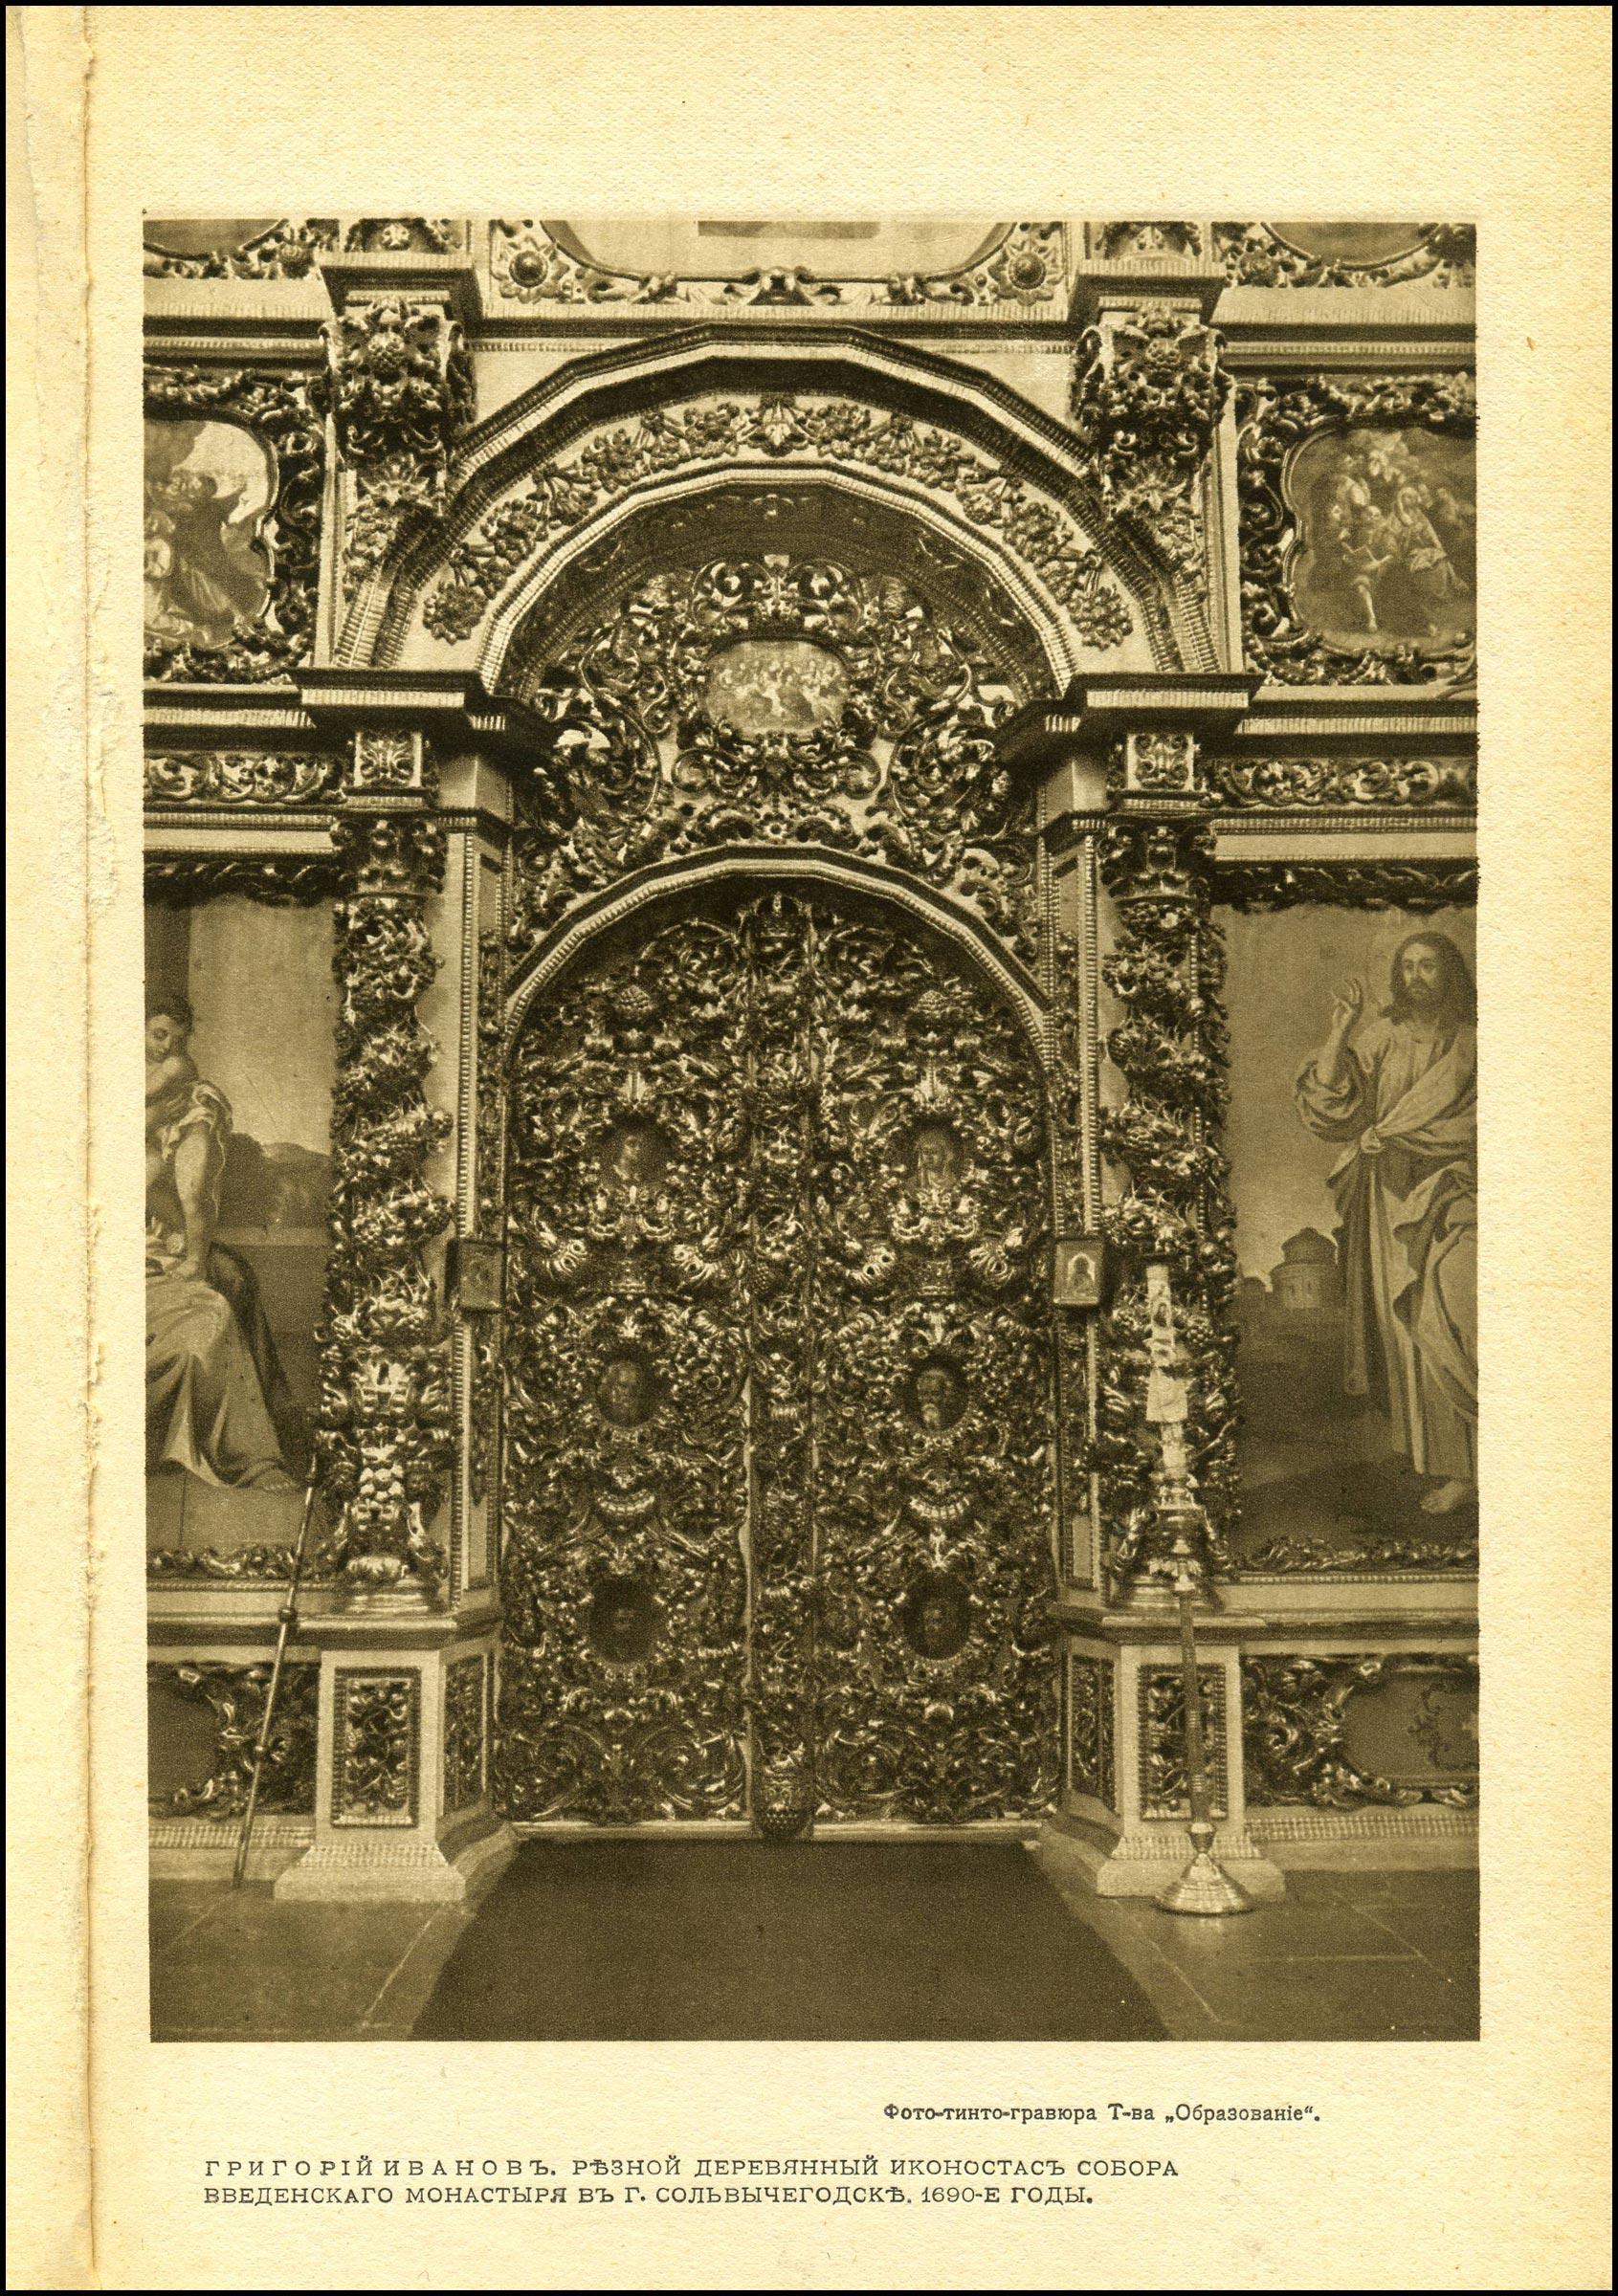 Резной деревянный иконостас собора Введенского монастыря